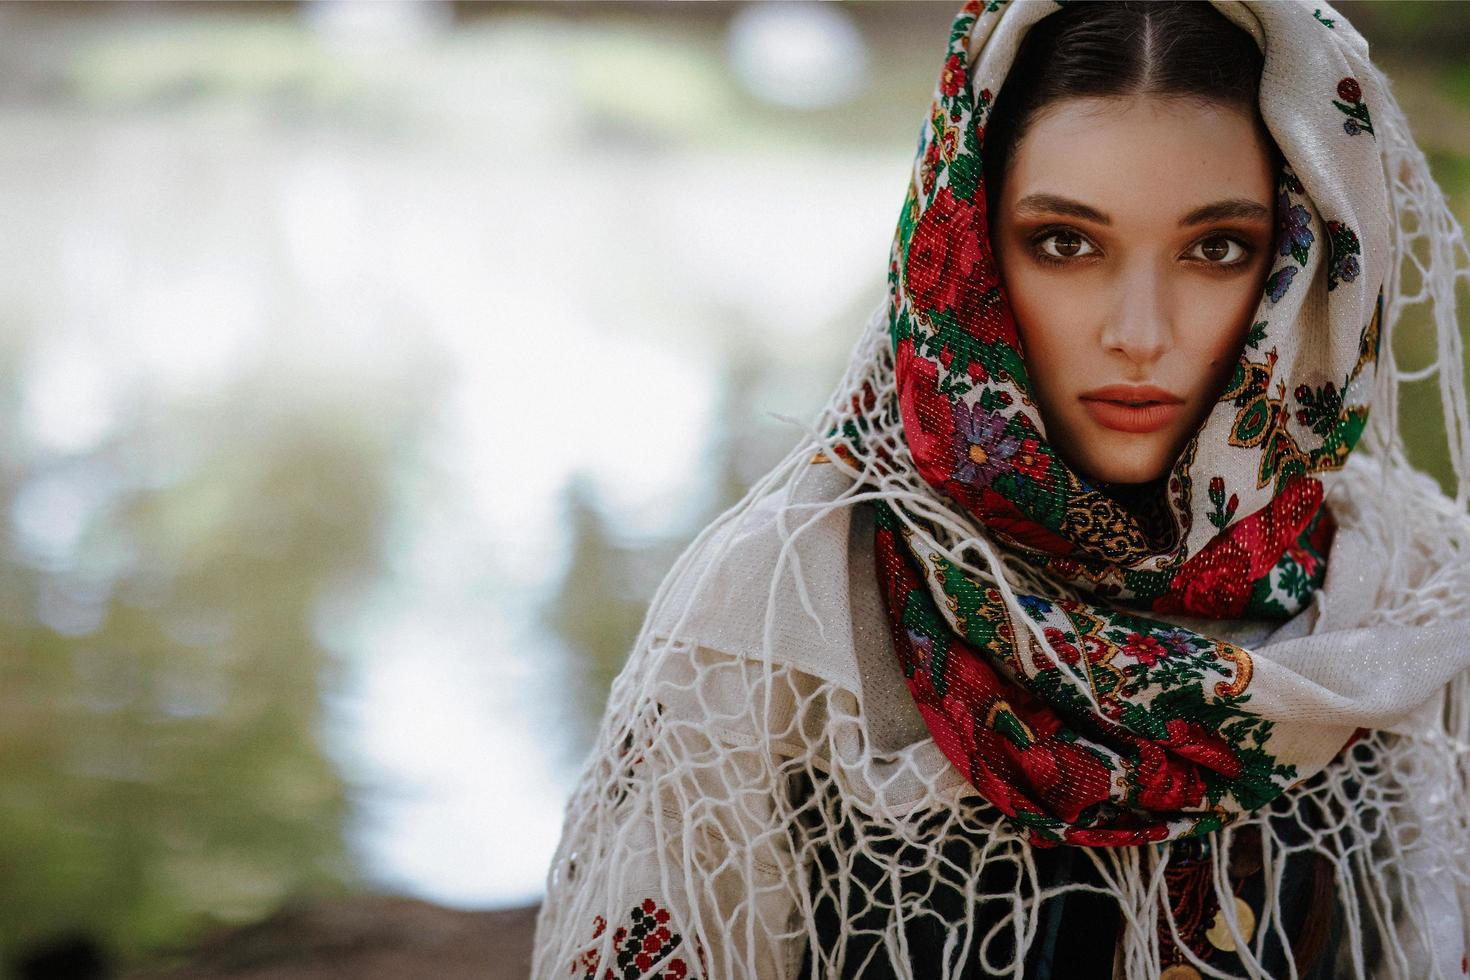 portret van een jong meisje in een traditionele etnische kleding foto